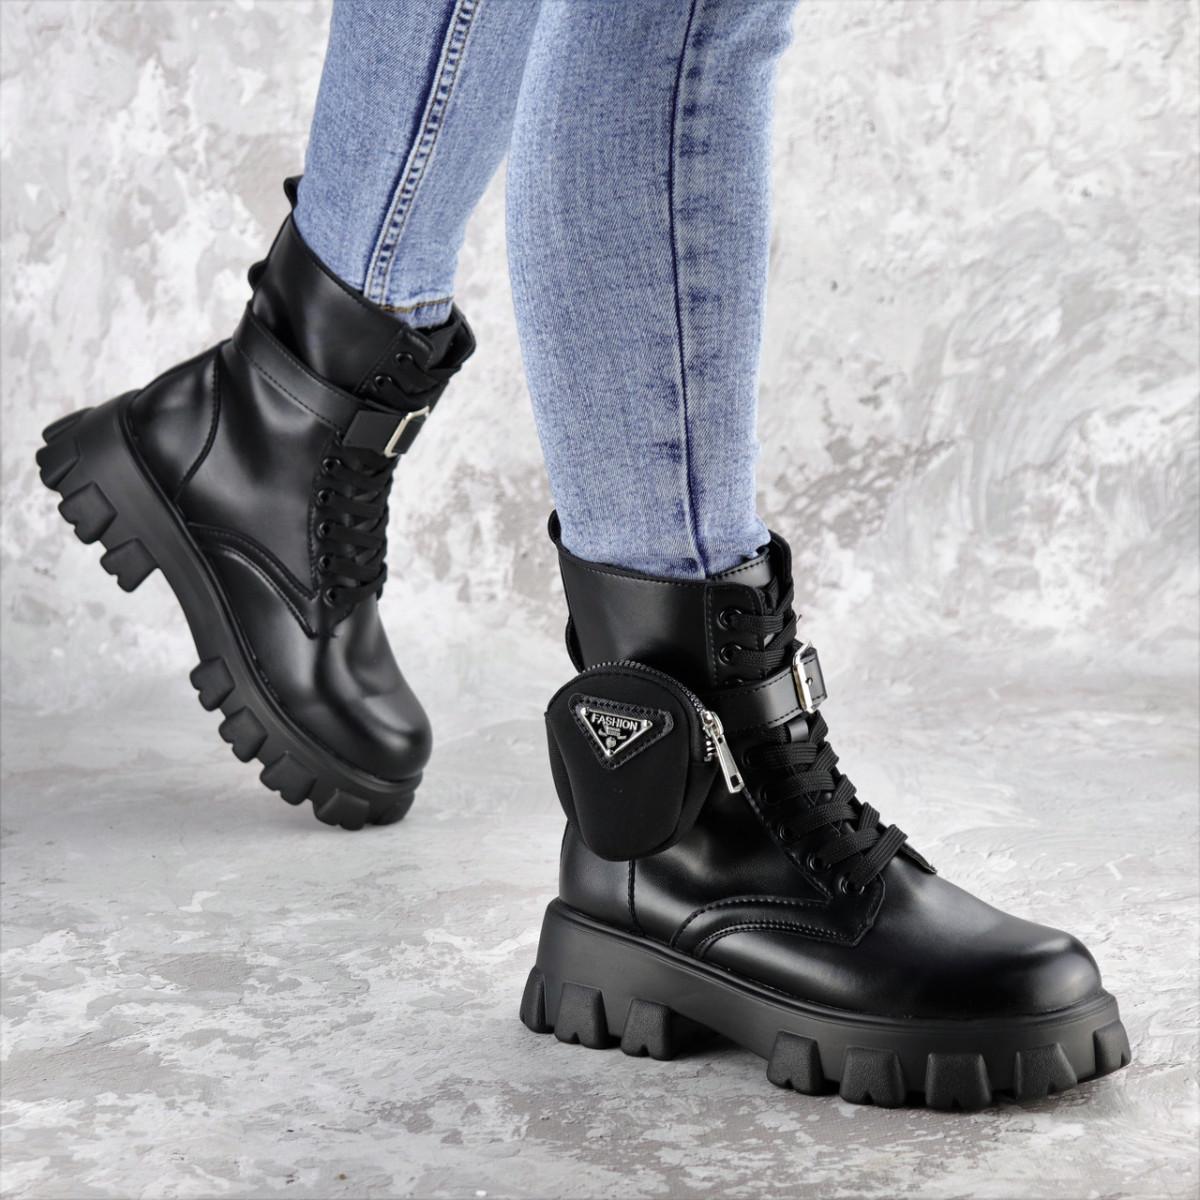 Ботинки женские черные Sondra 2401 (36 размер)